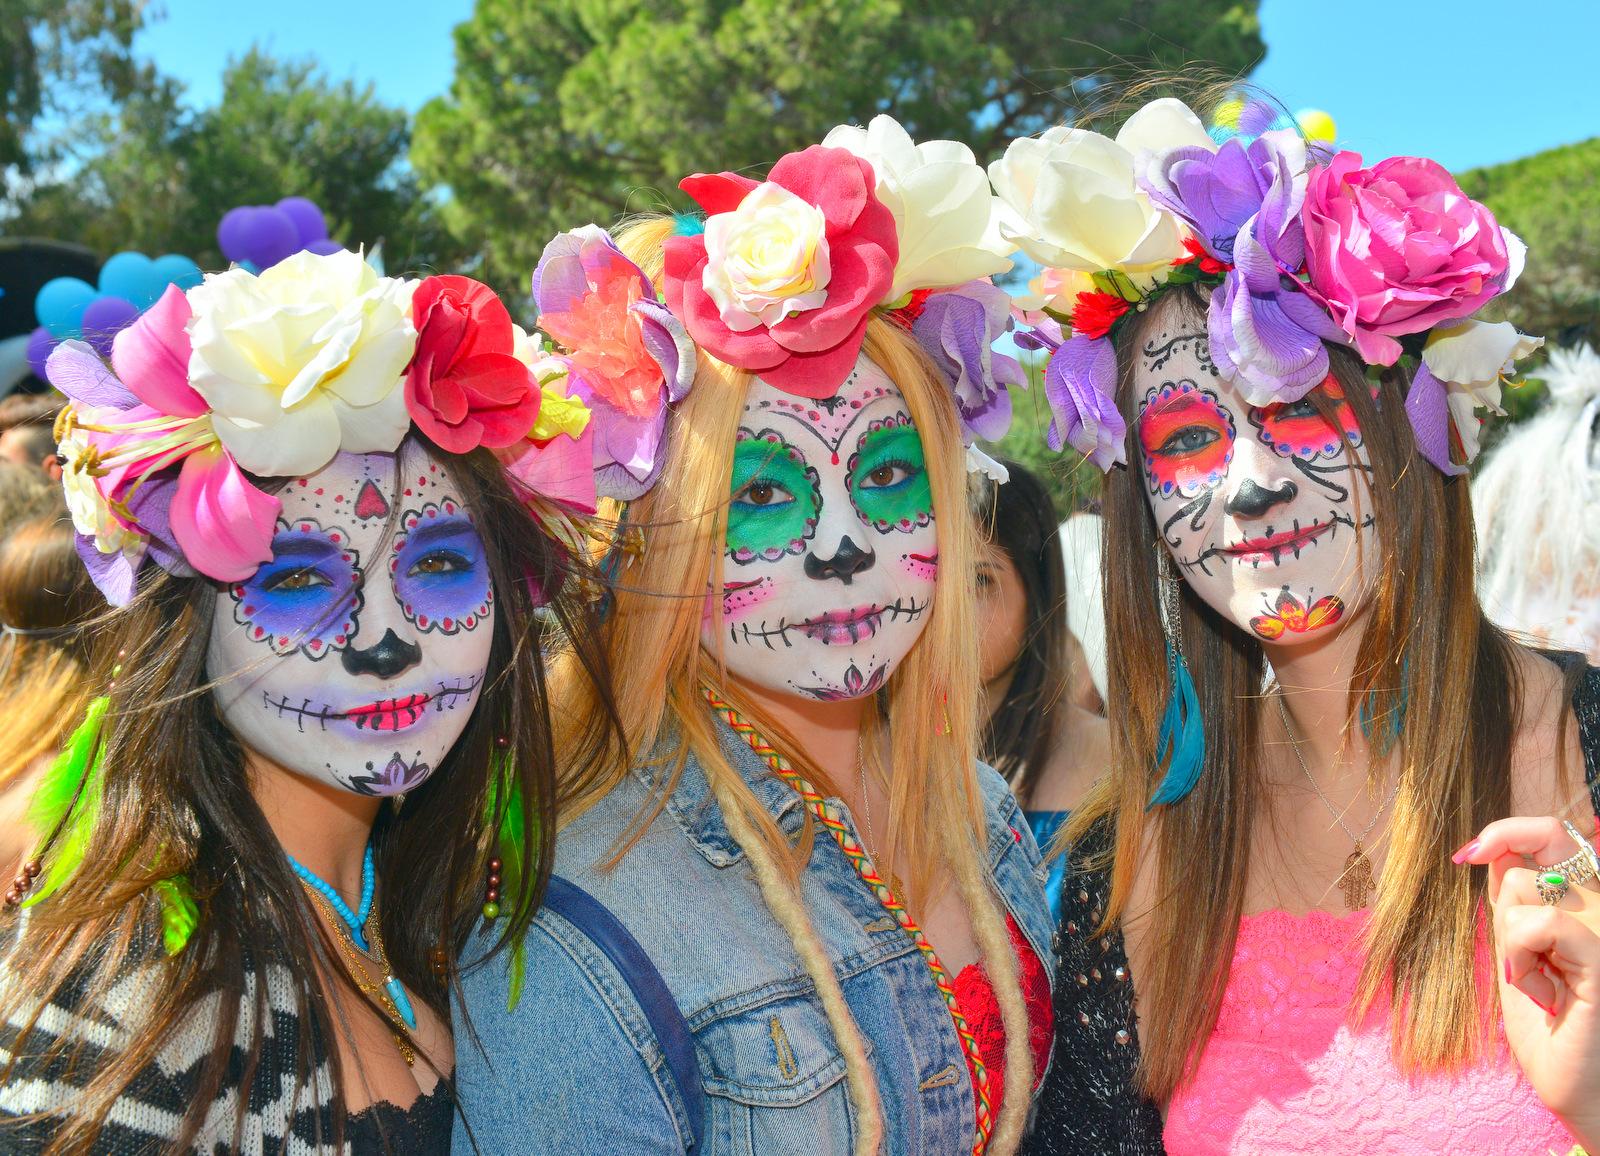 Пурим 2017 в Хайфе – десятки вечеринок, концертов и сюрпризов для детей и взрослых